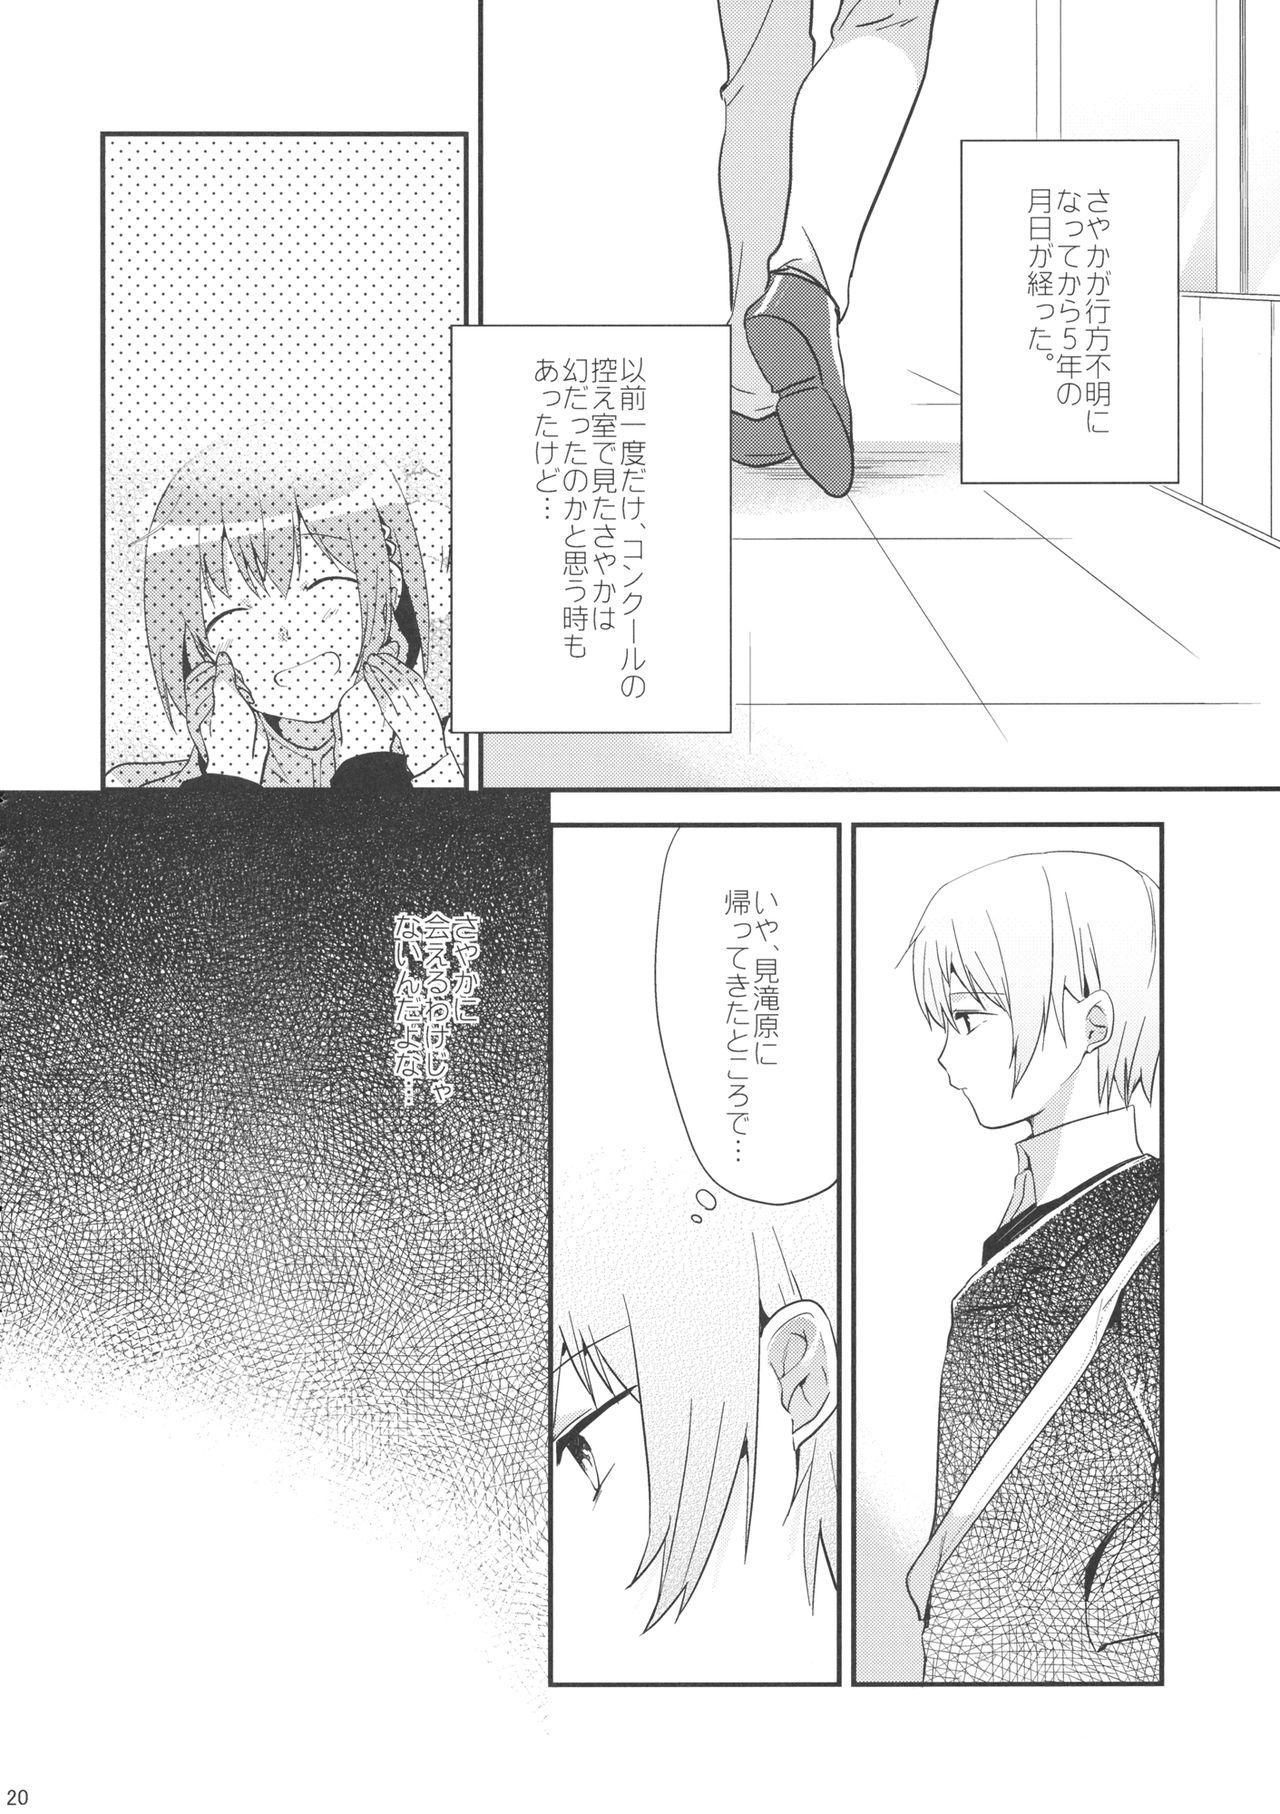 if Kanzenban 18